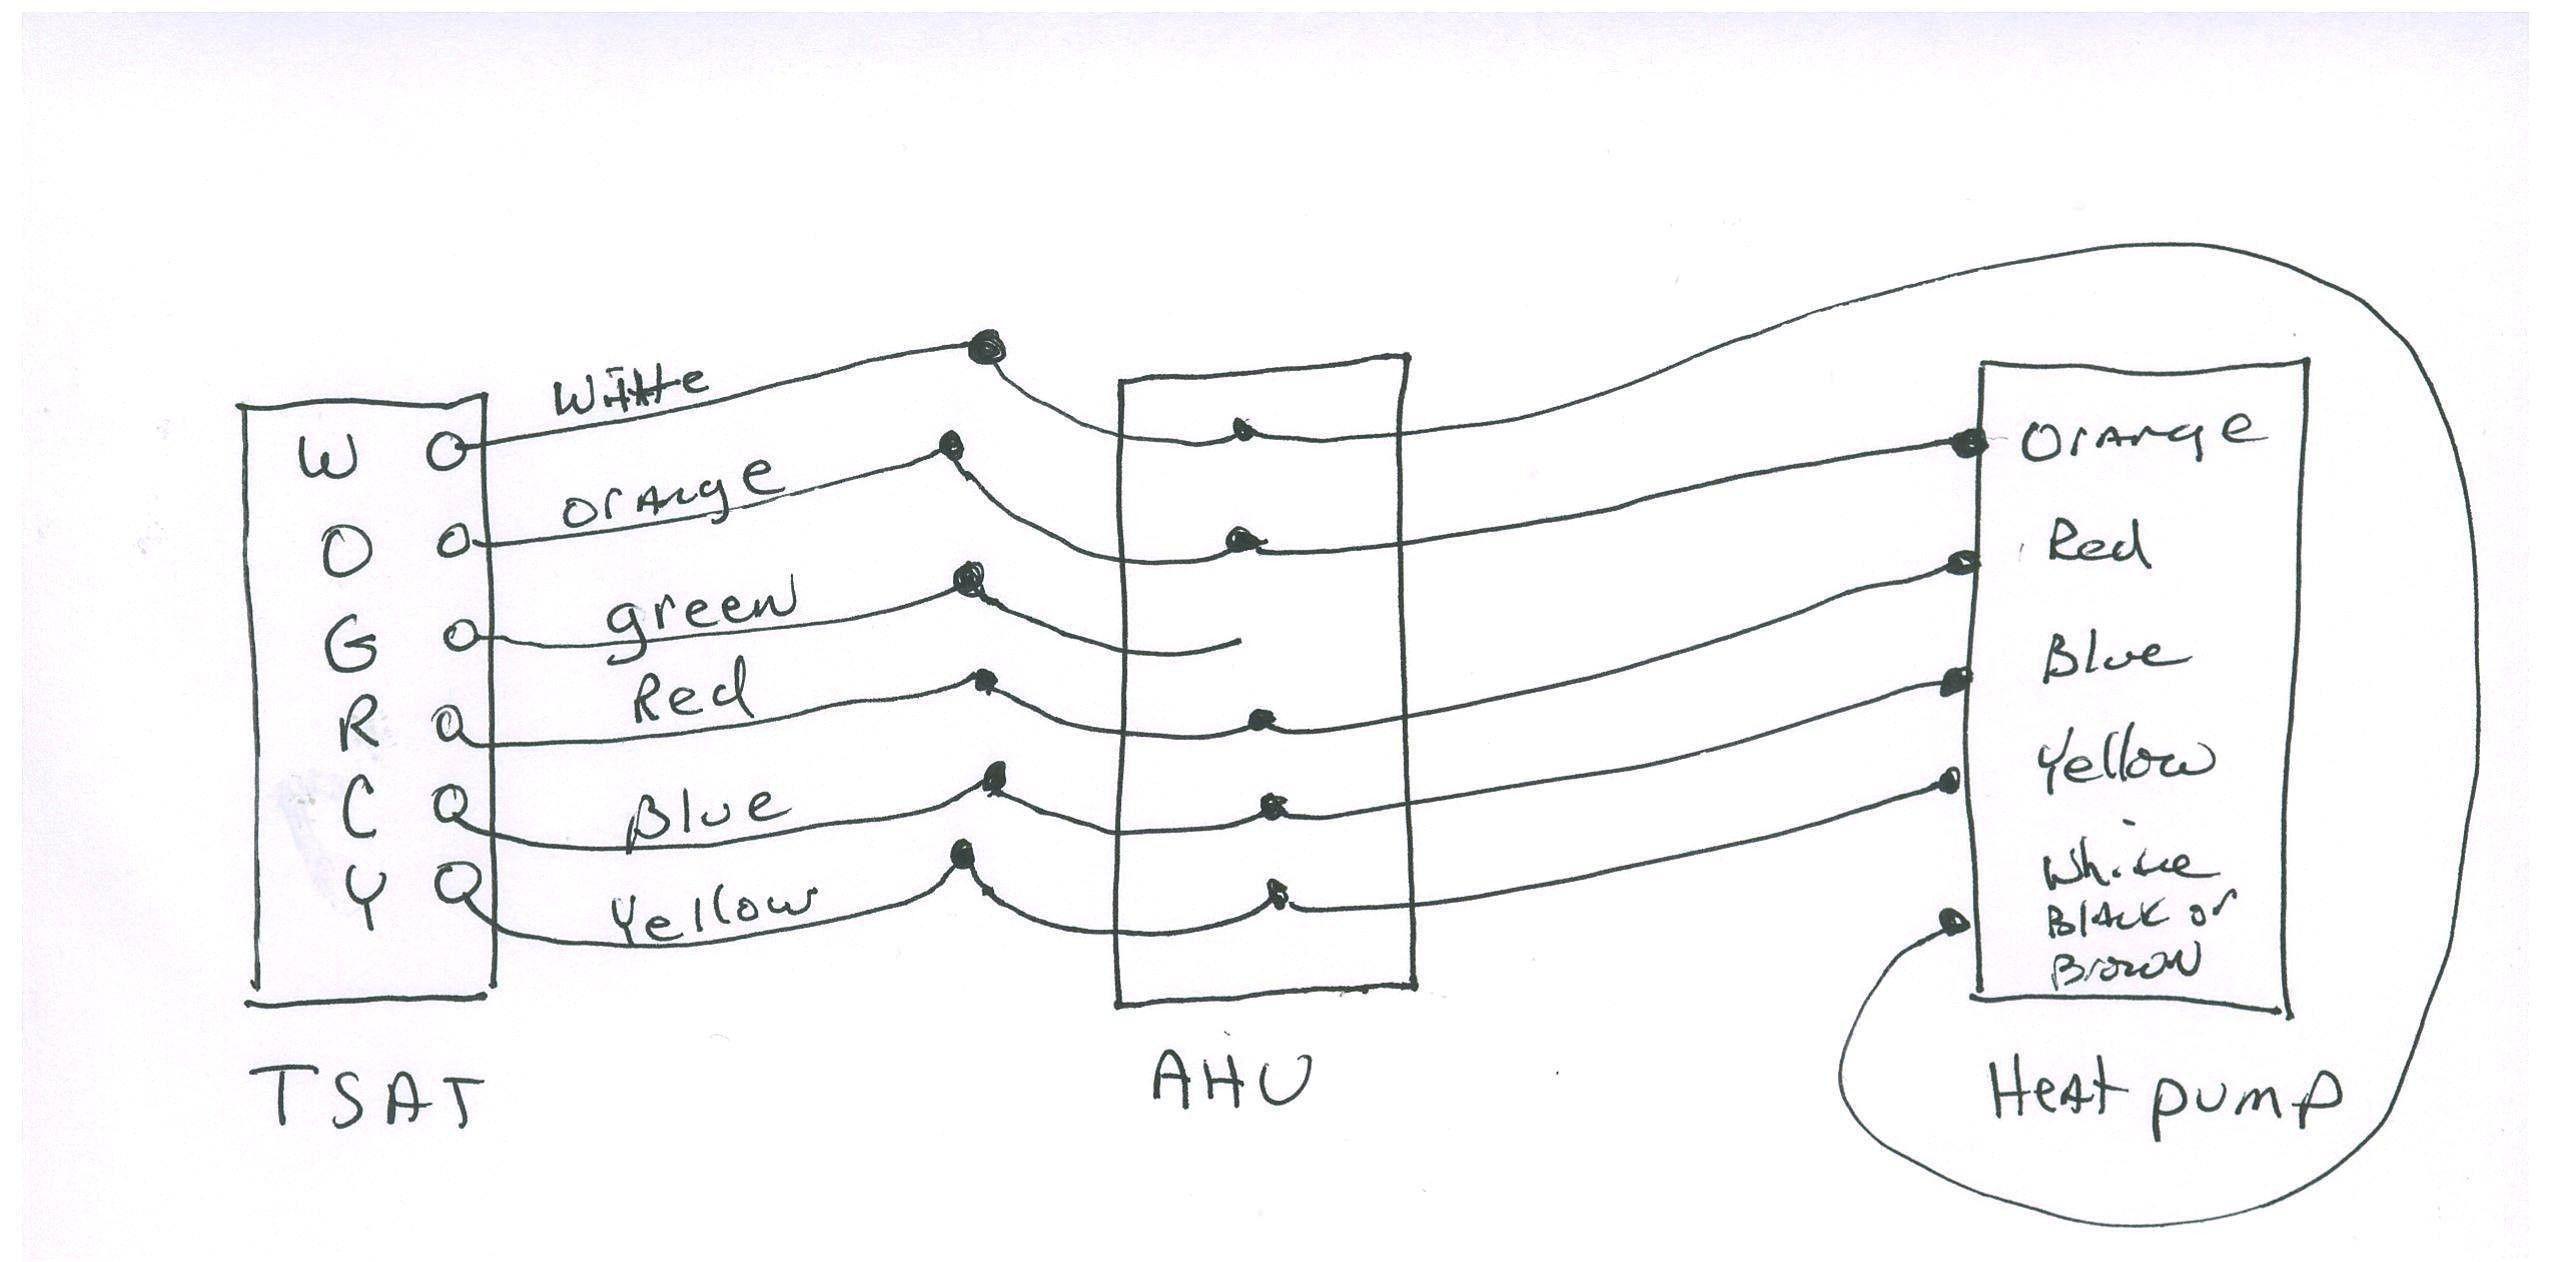 #diagramsample #diagramformats #diagramtemplate